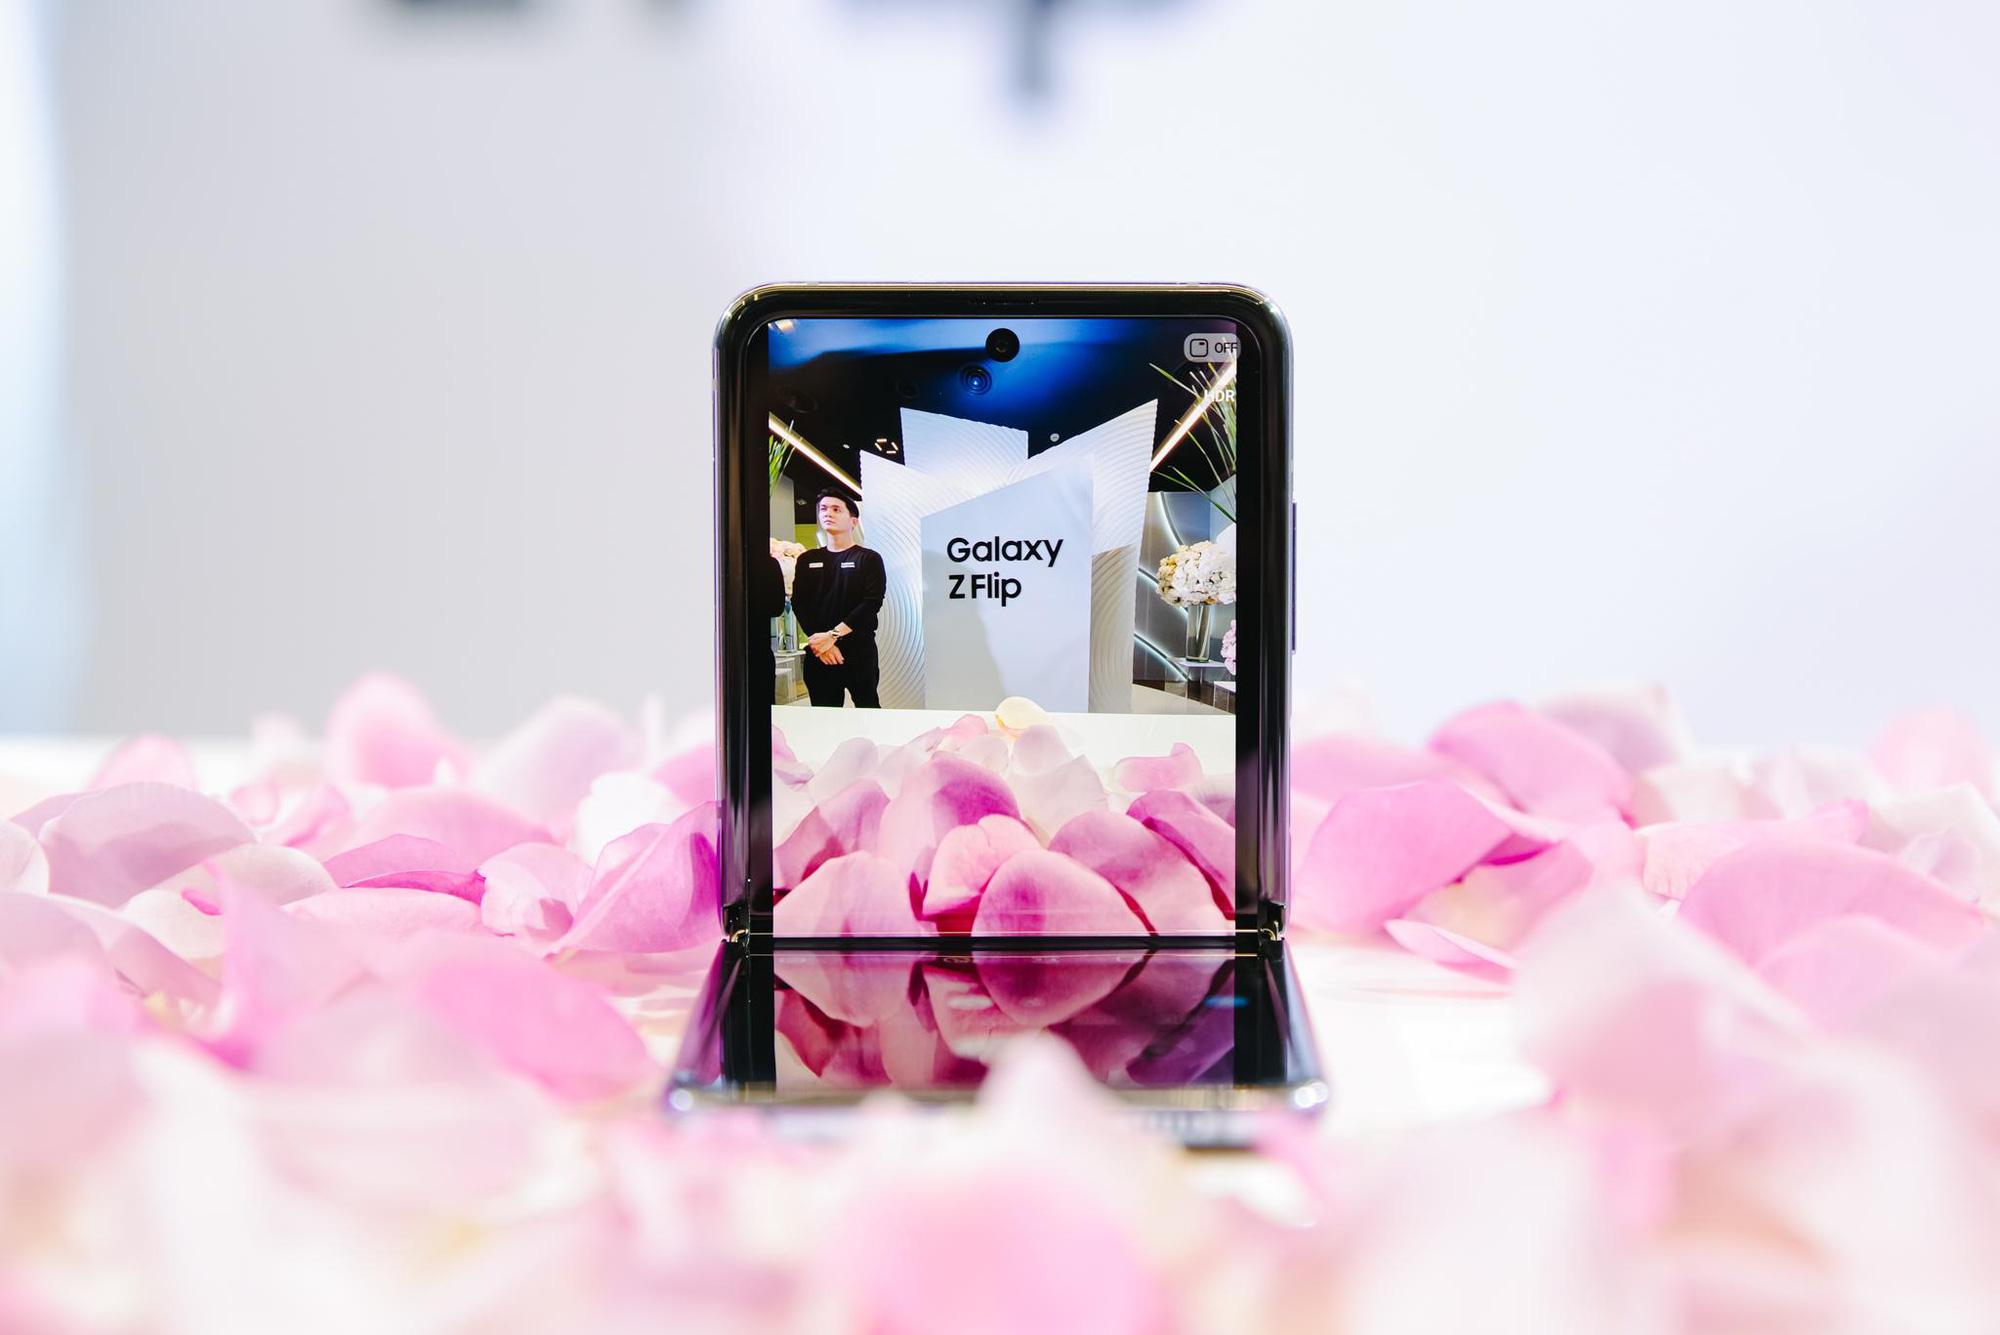 Galaxy Z Flip ra mắt chính thức tại Việt Nam, mở đầu xu hướng thời trang công nghệ mới - Ảnh 9.